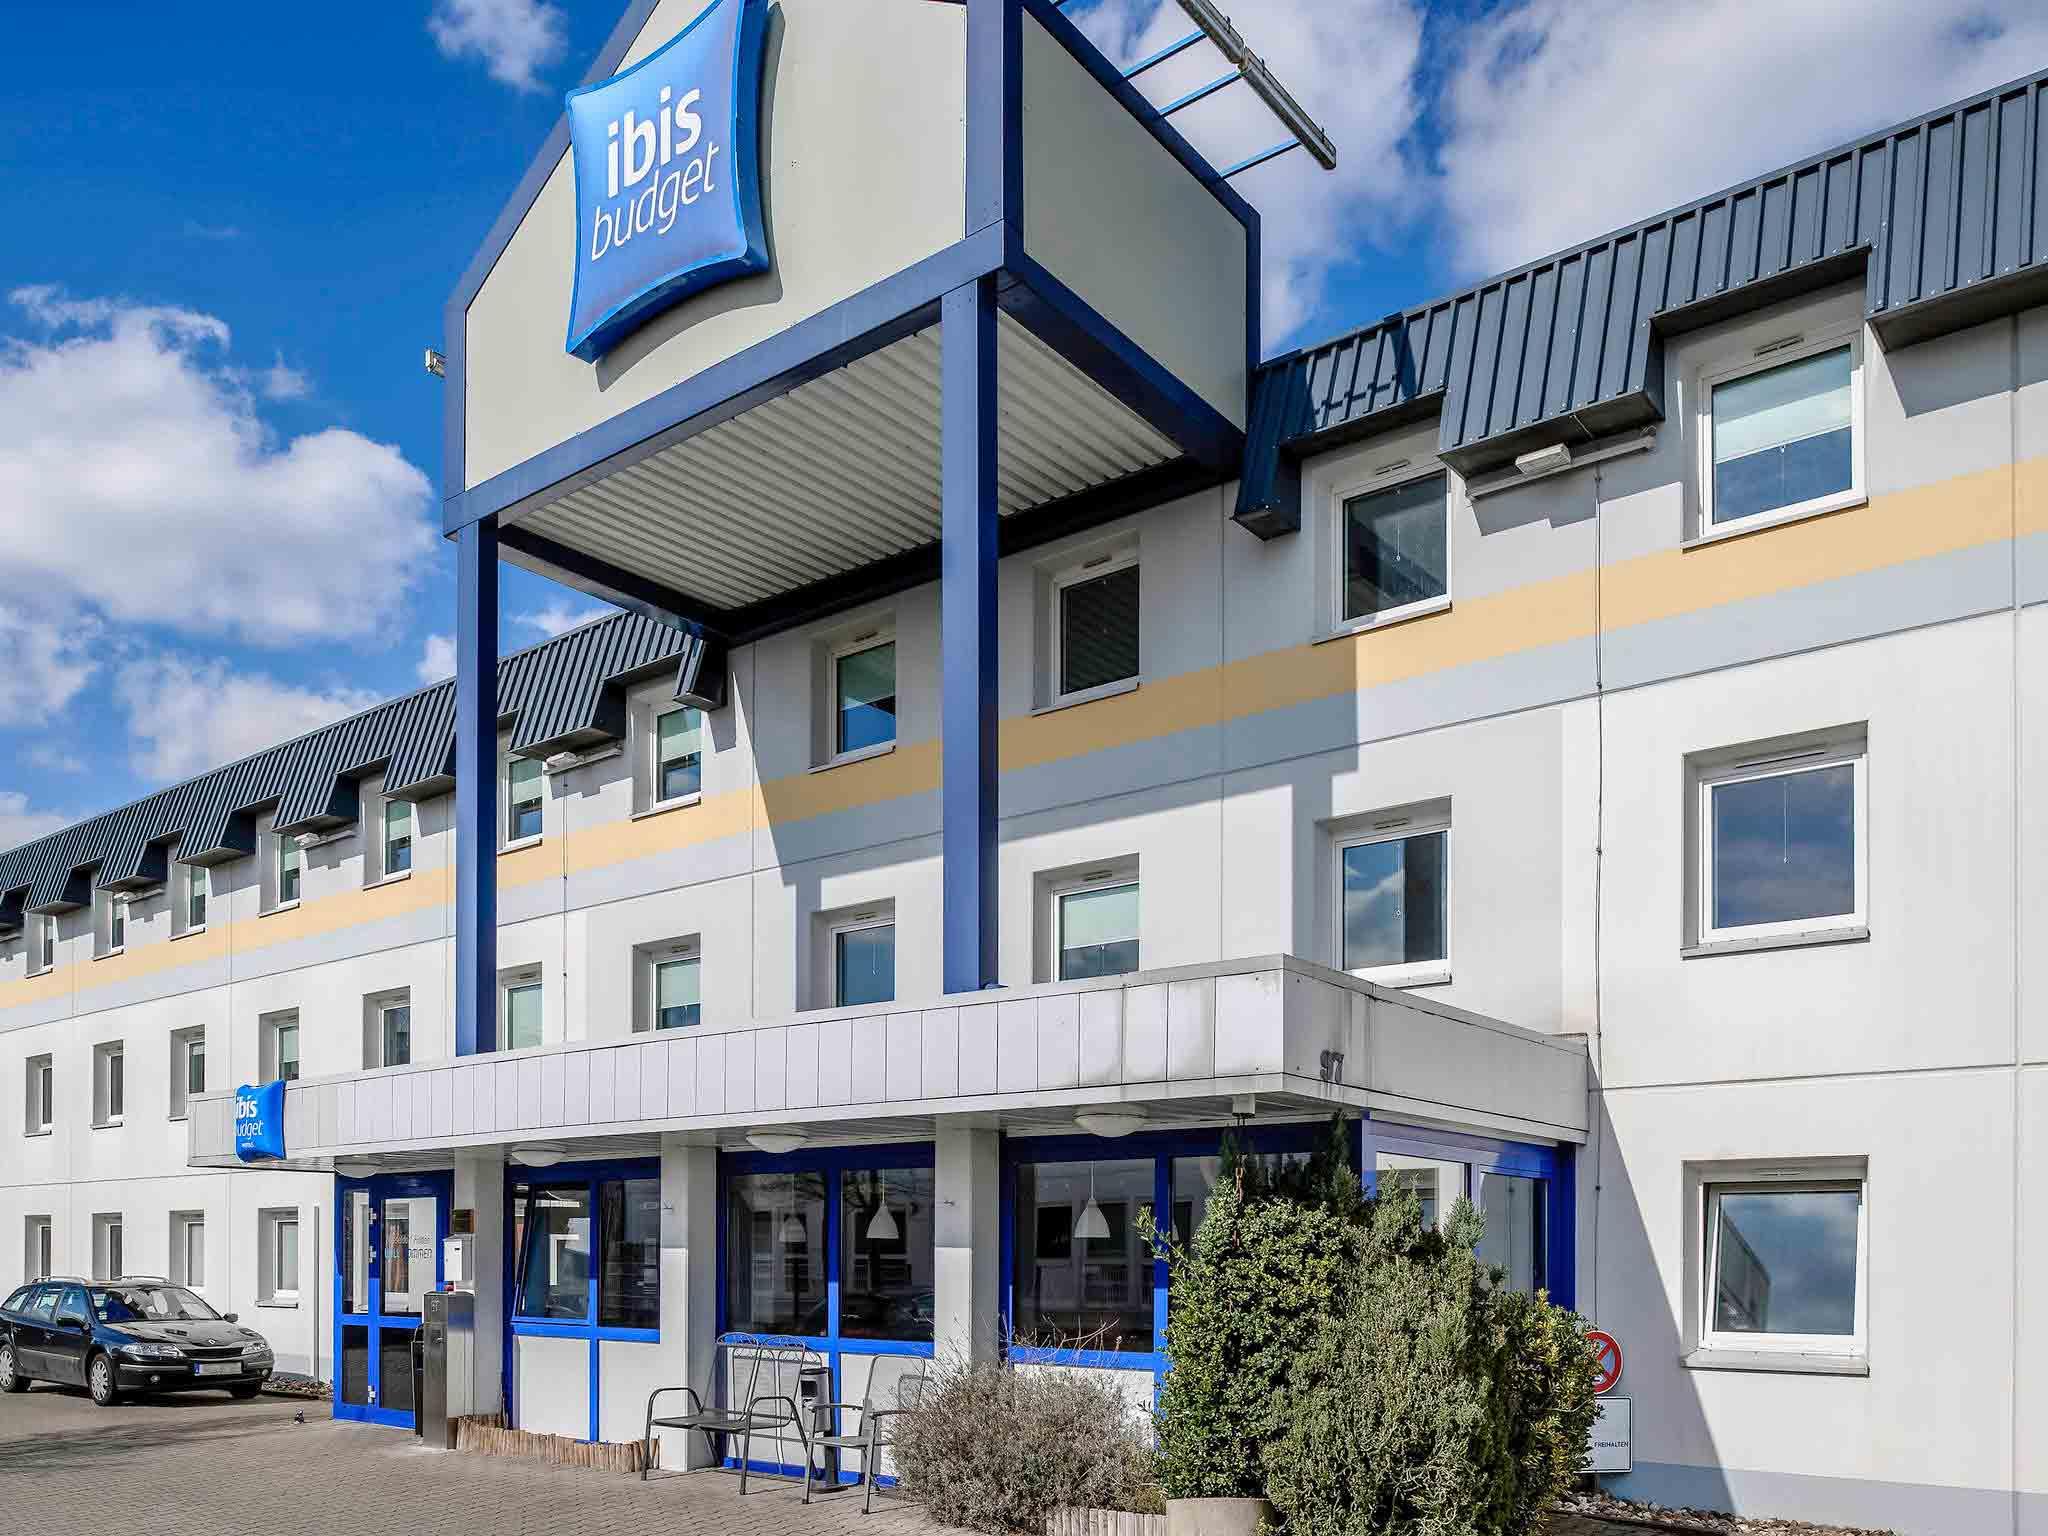 Hotel in hilden ibis budget duesseldorf hilden for Hilden hotel